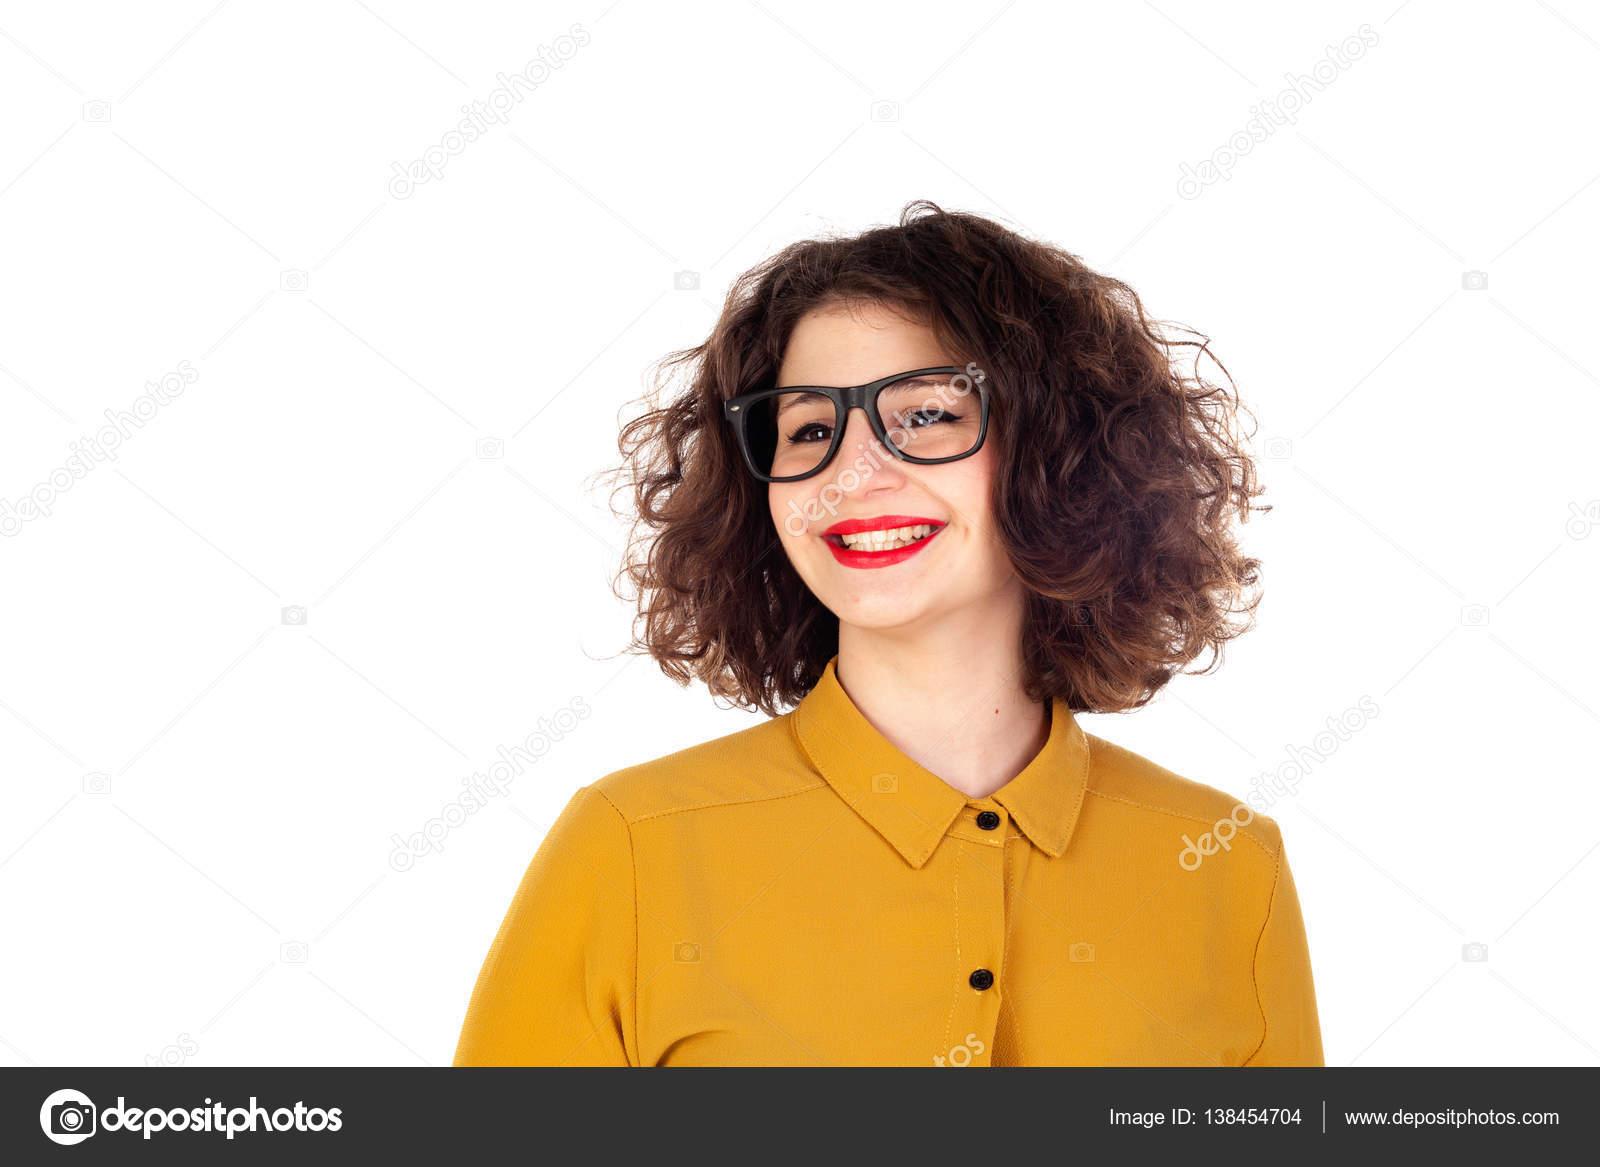 fee3378e7b5dbd милі дівчата пишні — Стокове фото — жовтий © Gelpi #138454704